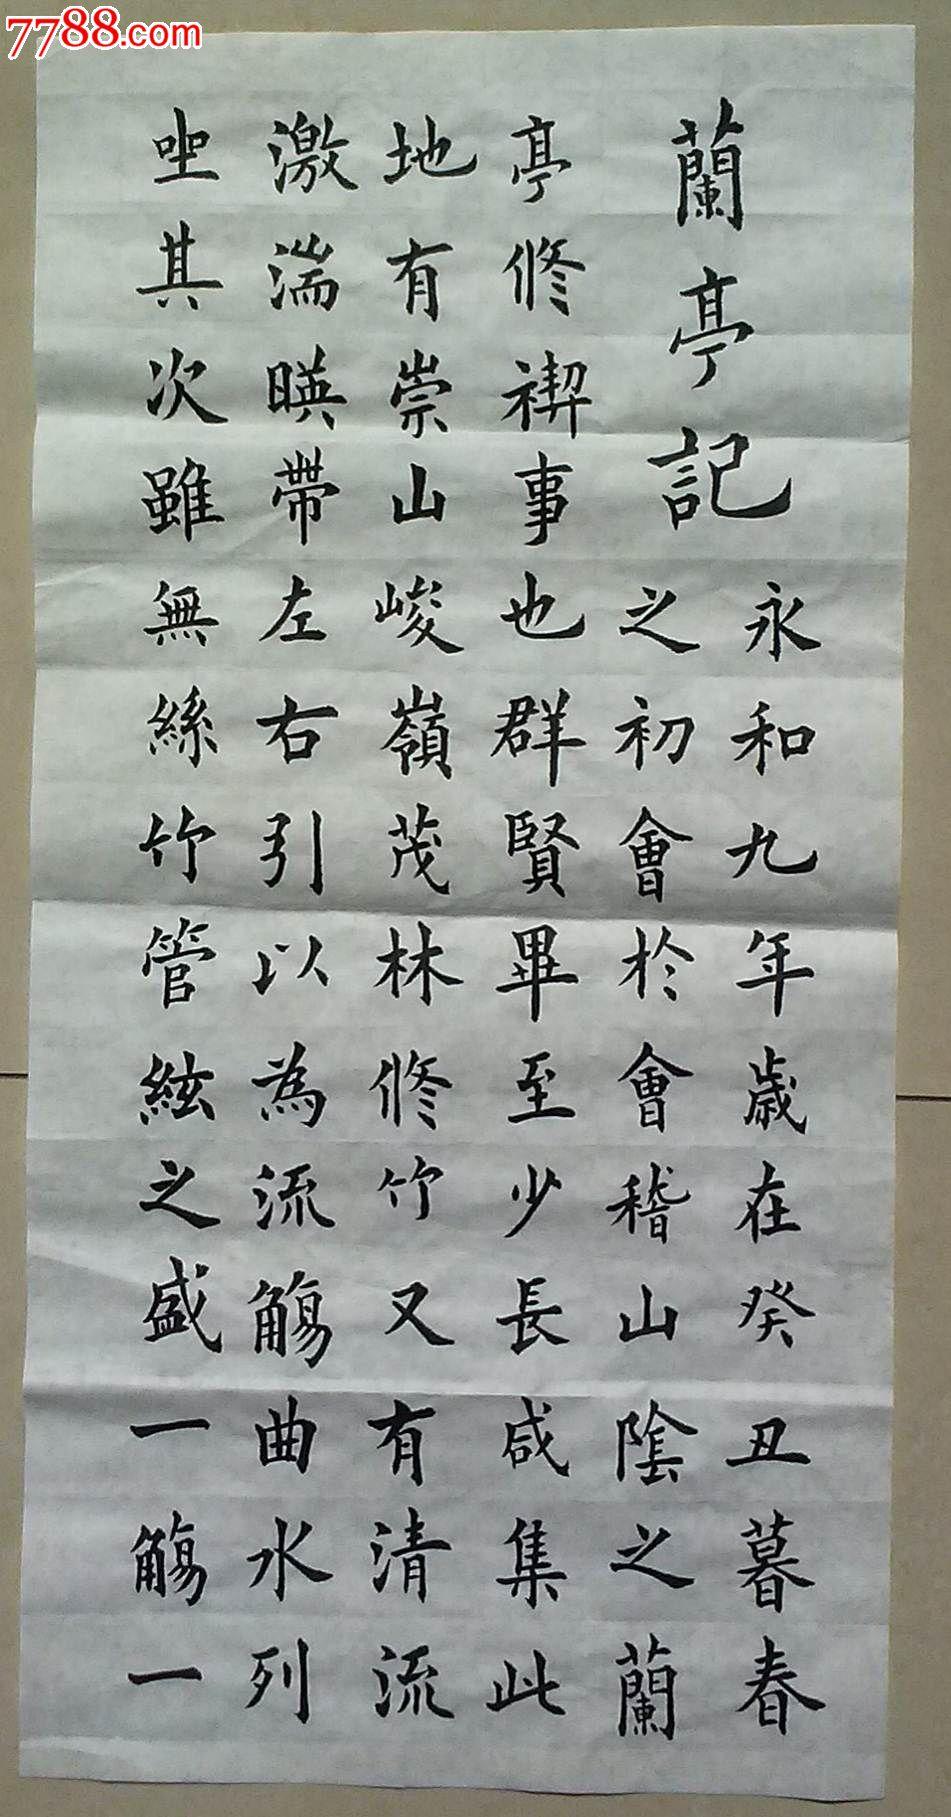 毛笔楷书手写欧体书法作品兰亭记_第1张_7788收藏__中国收藏热线